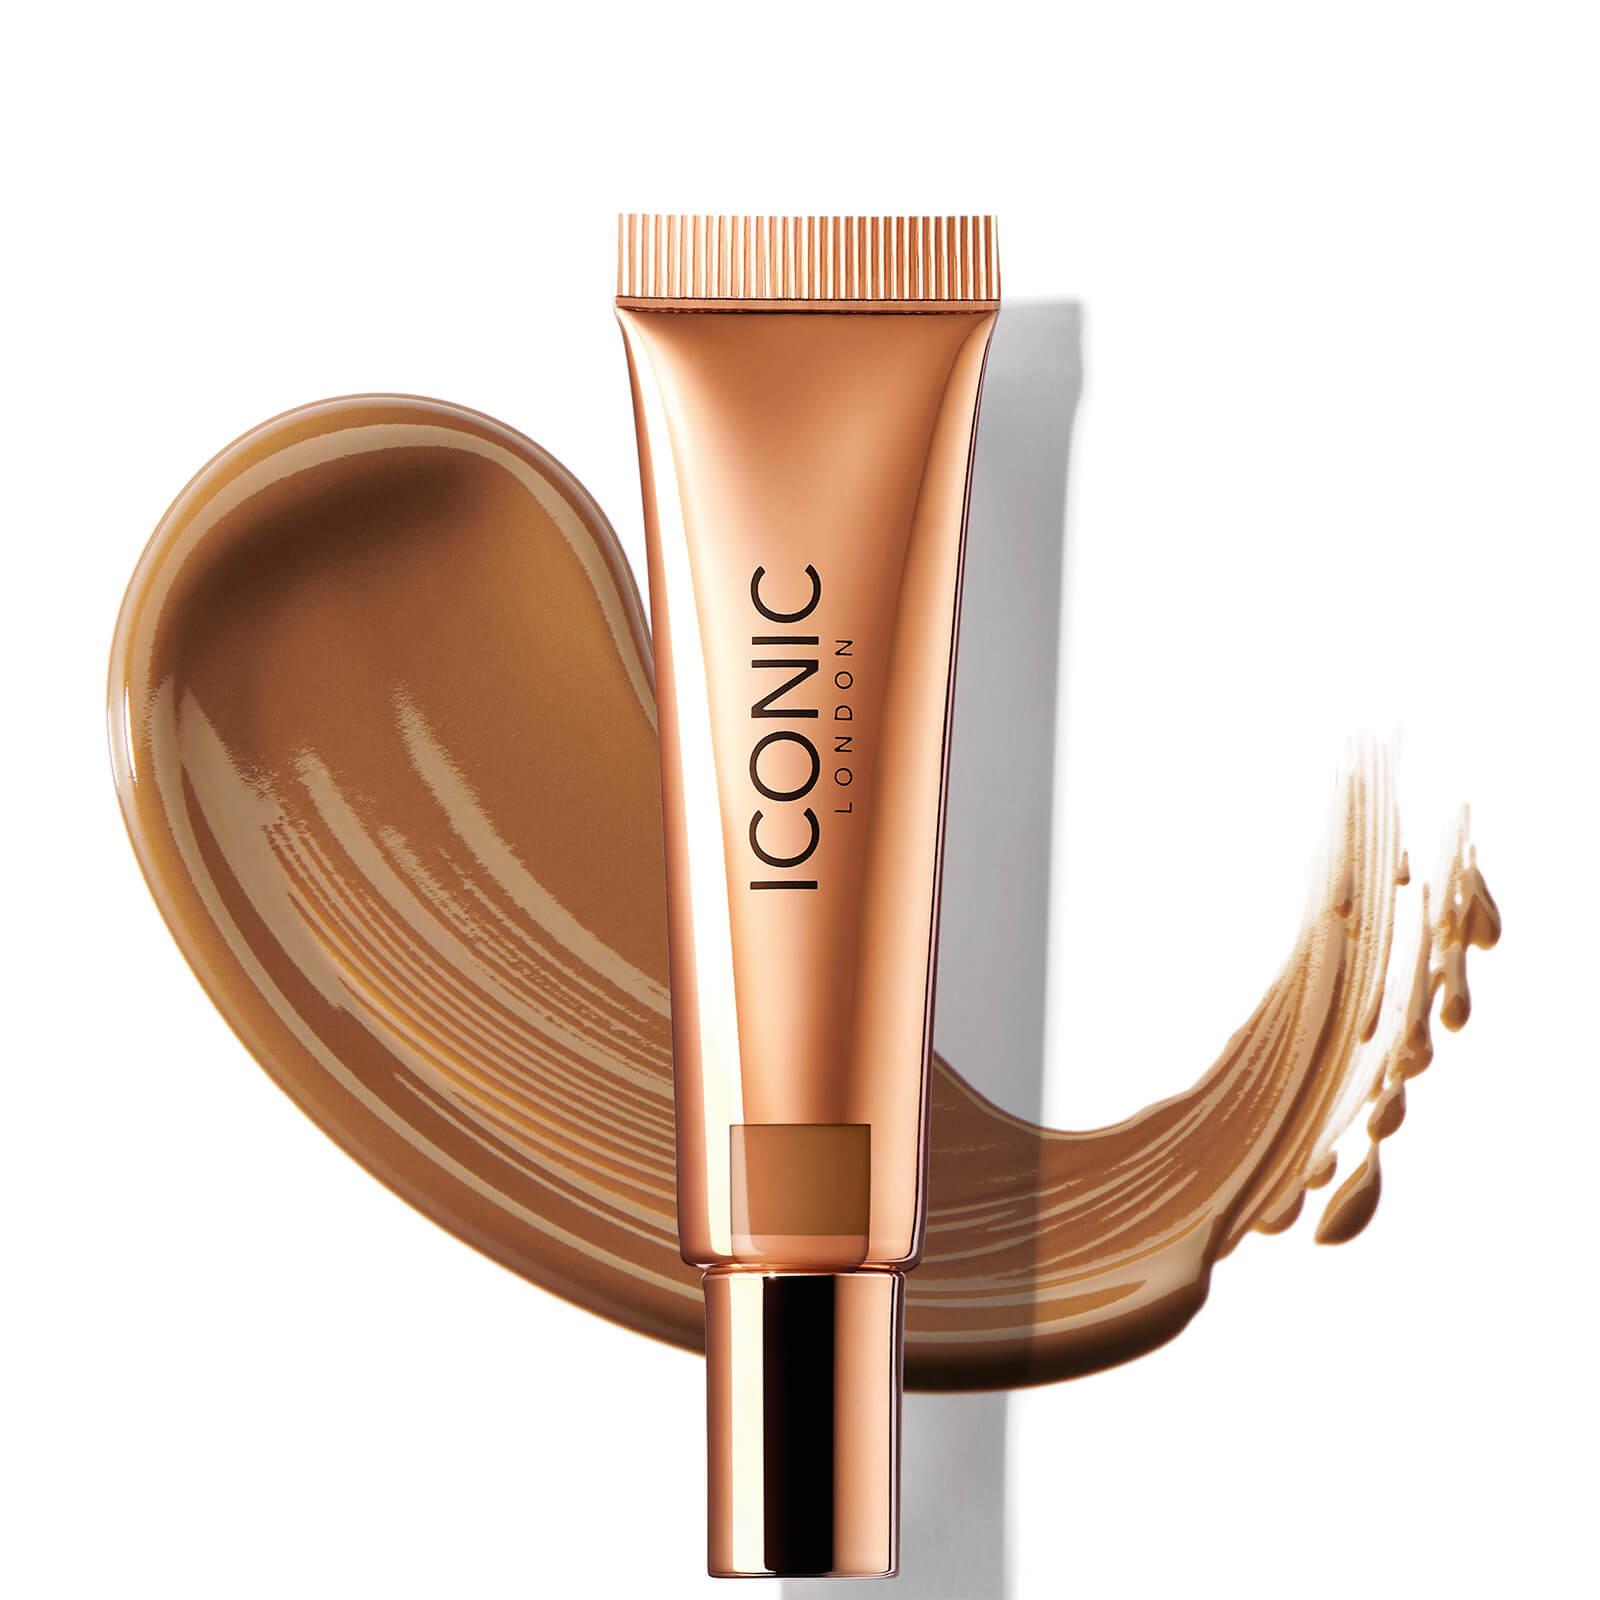 Купить Бронзер ICONIC London Sheer Bronze 12, 5 мл (разные оттенки) - Caramel Glow